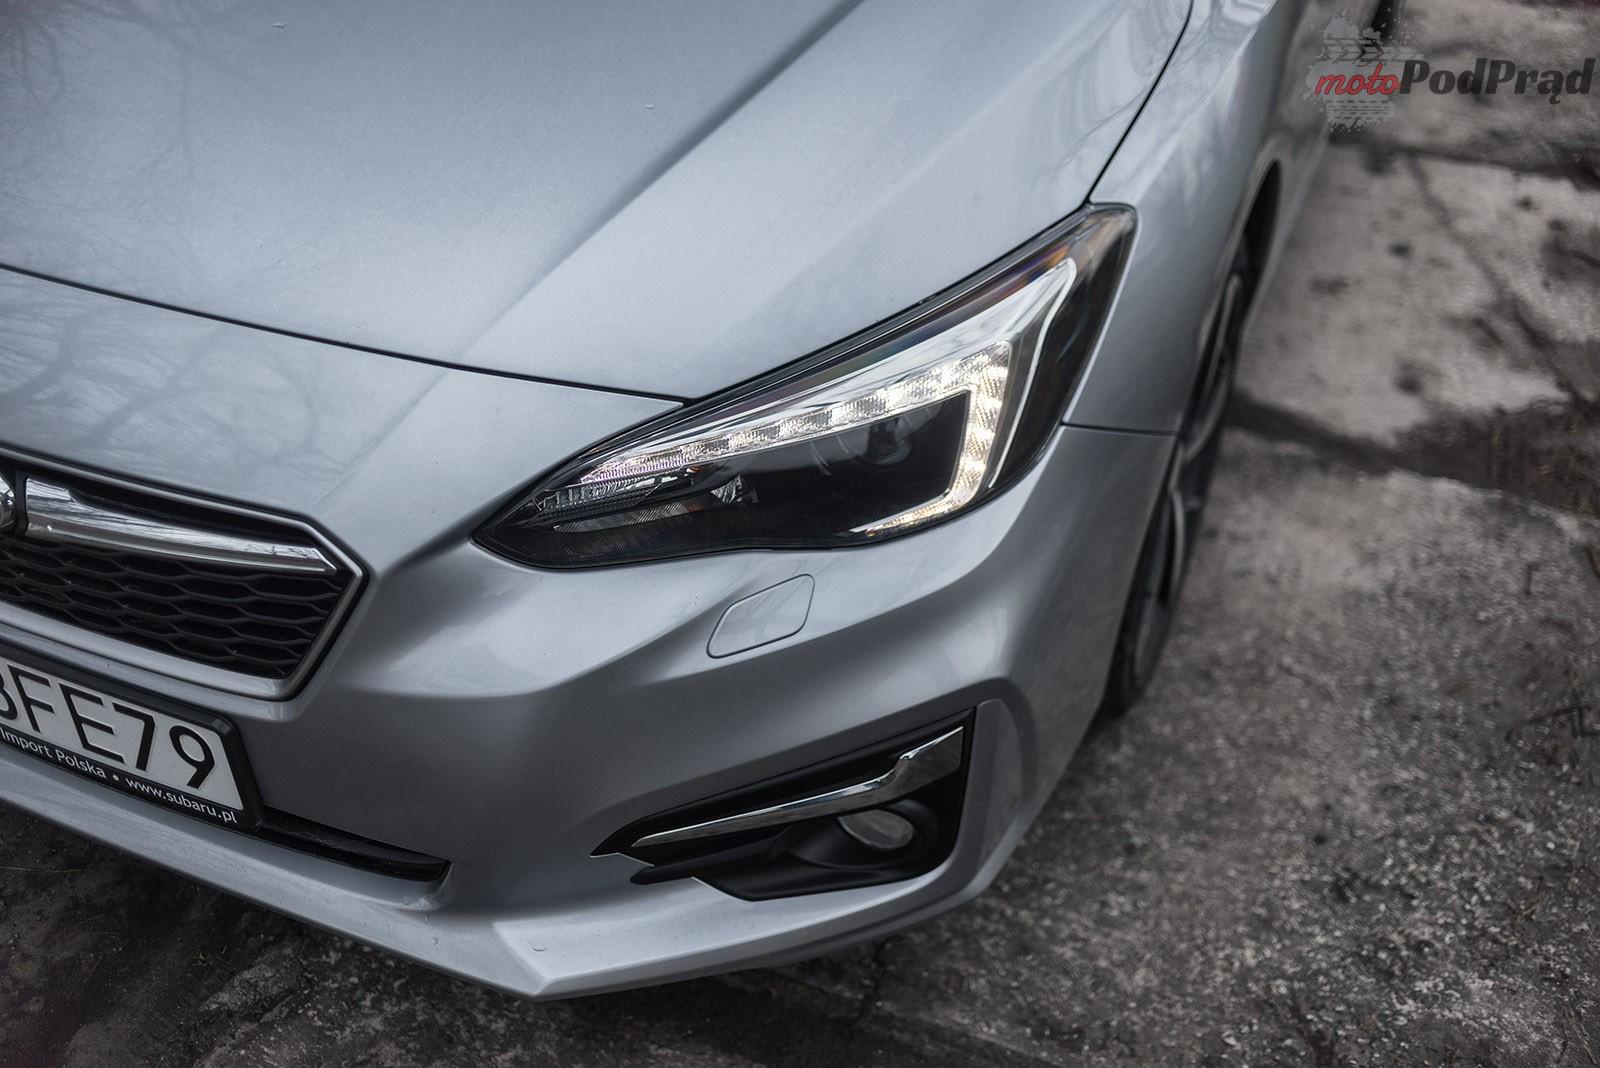 Subaru Impreza 30 Test: Subaru Impreza 2.0 AWD 156 KM   w dobrą stronę